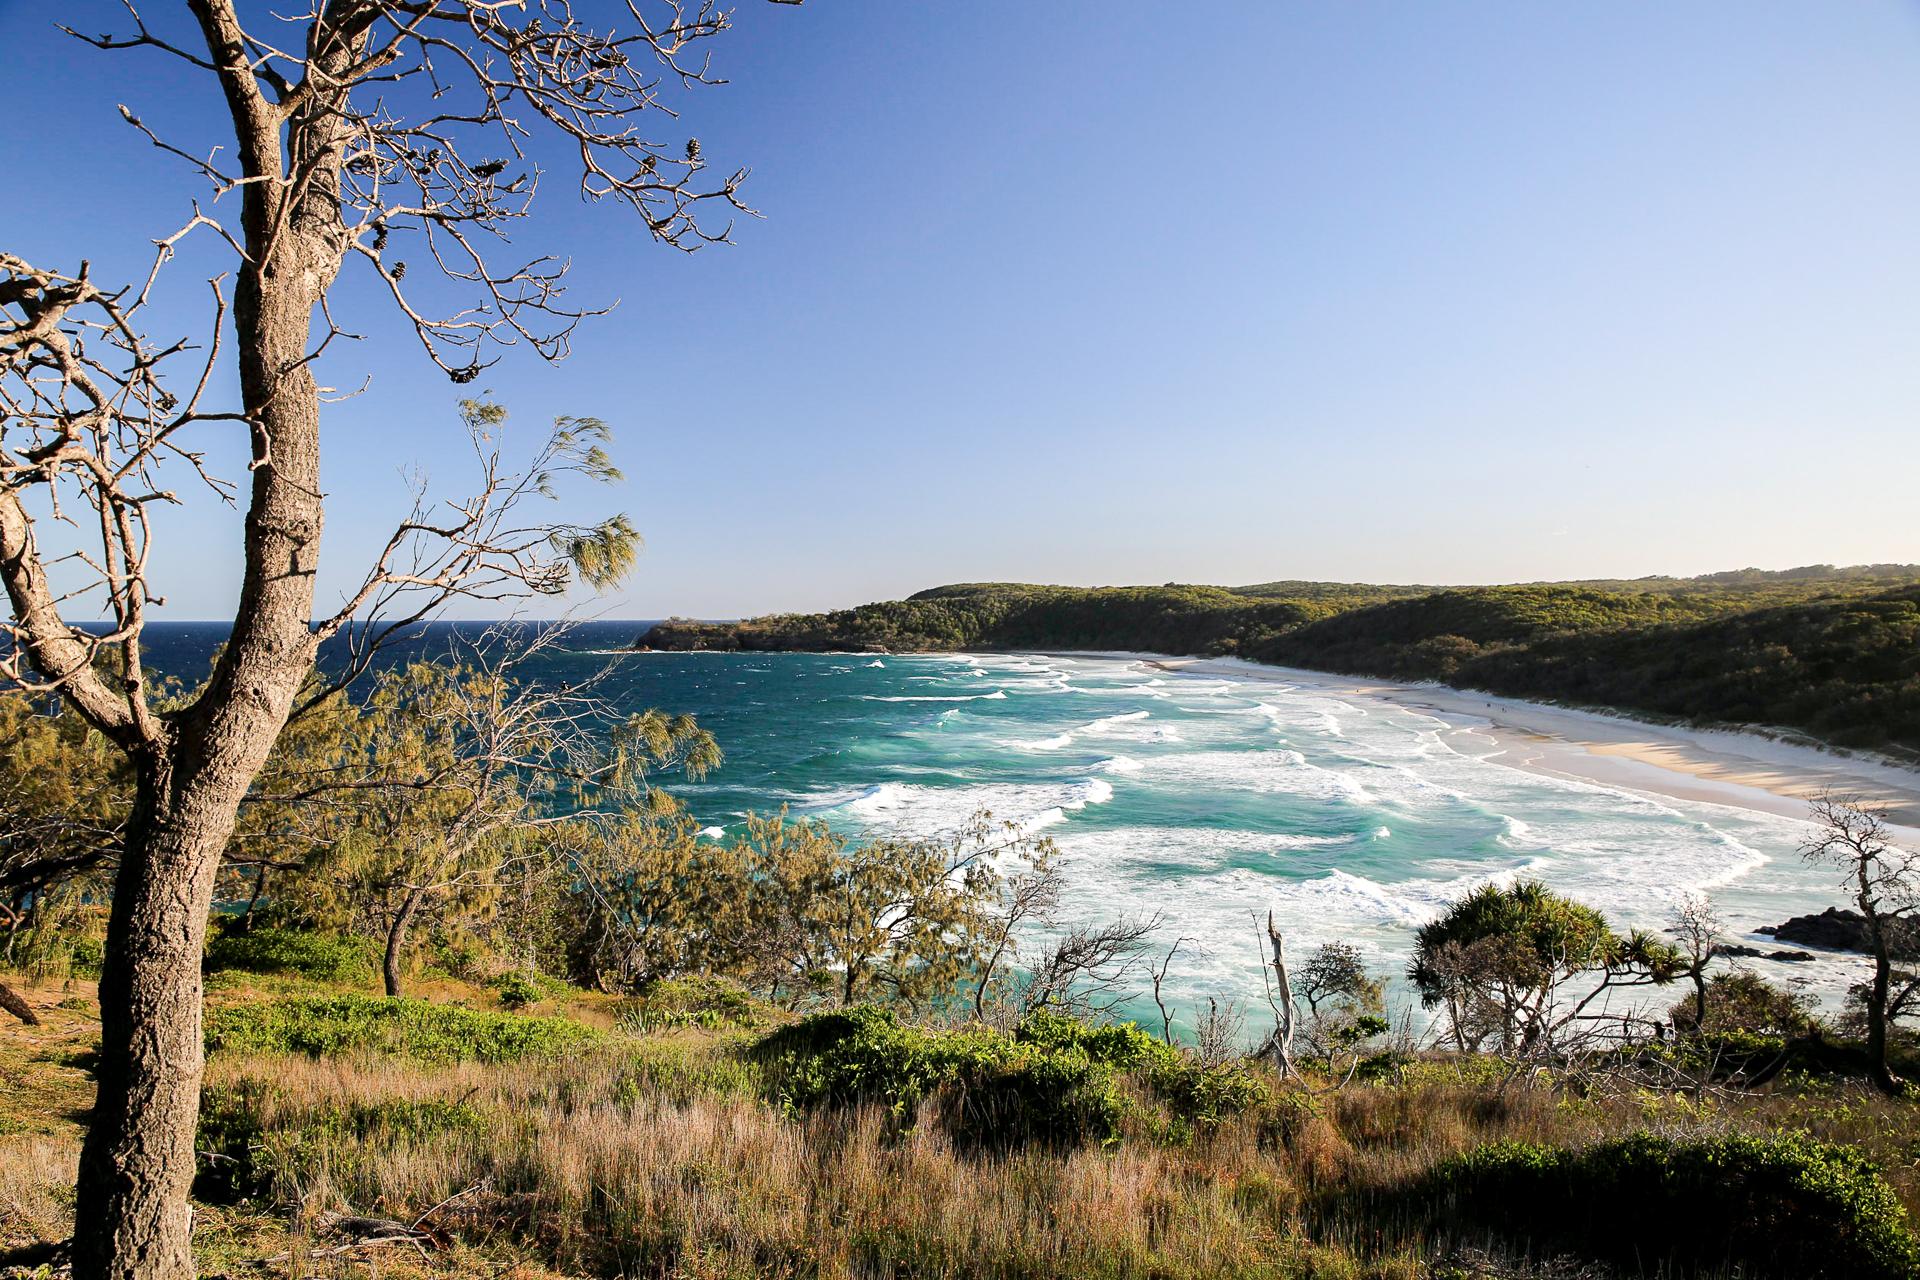 Bild: Noosa Nationalpark an der Ostküste Australiens Noosa Heads